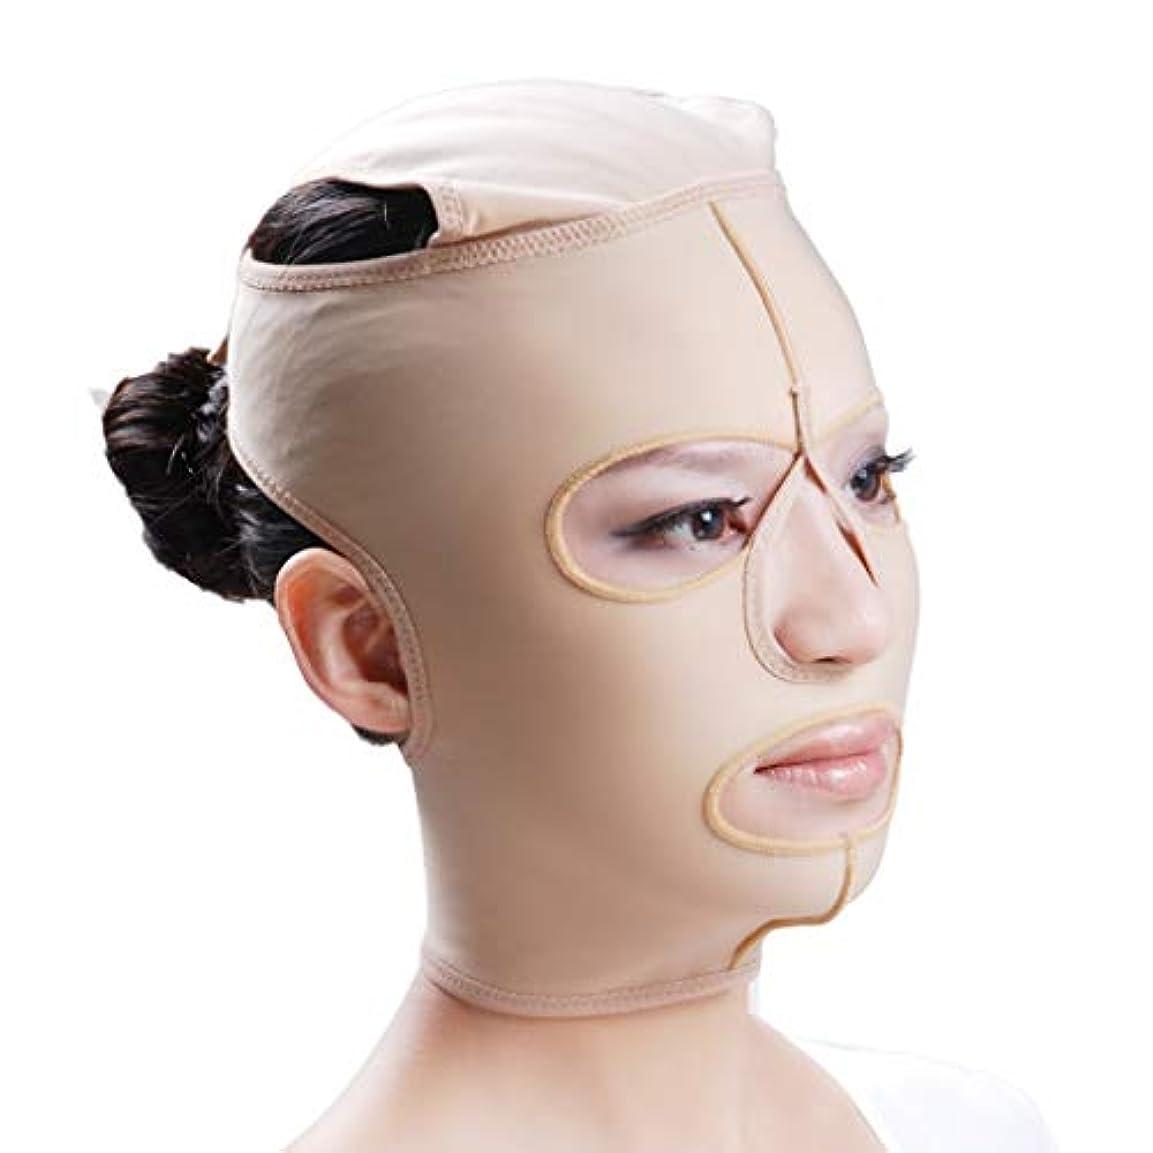 グレーローズ群衆LJK フェイスリフトマスク、フルフェイスマスク医療グレード圧力フェイスダブルチンプラスチック脂肪吸引術弾性包帯ヘッドギア後の顔の脂肪吸引術 (Size : M)